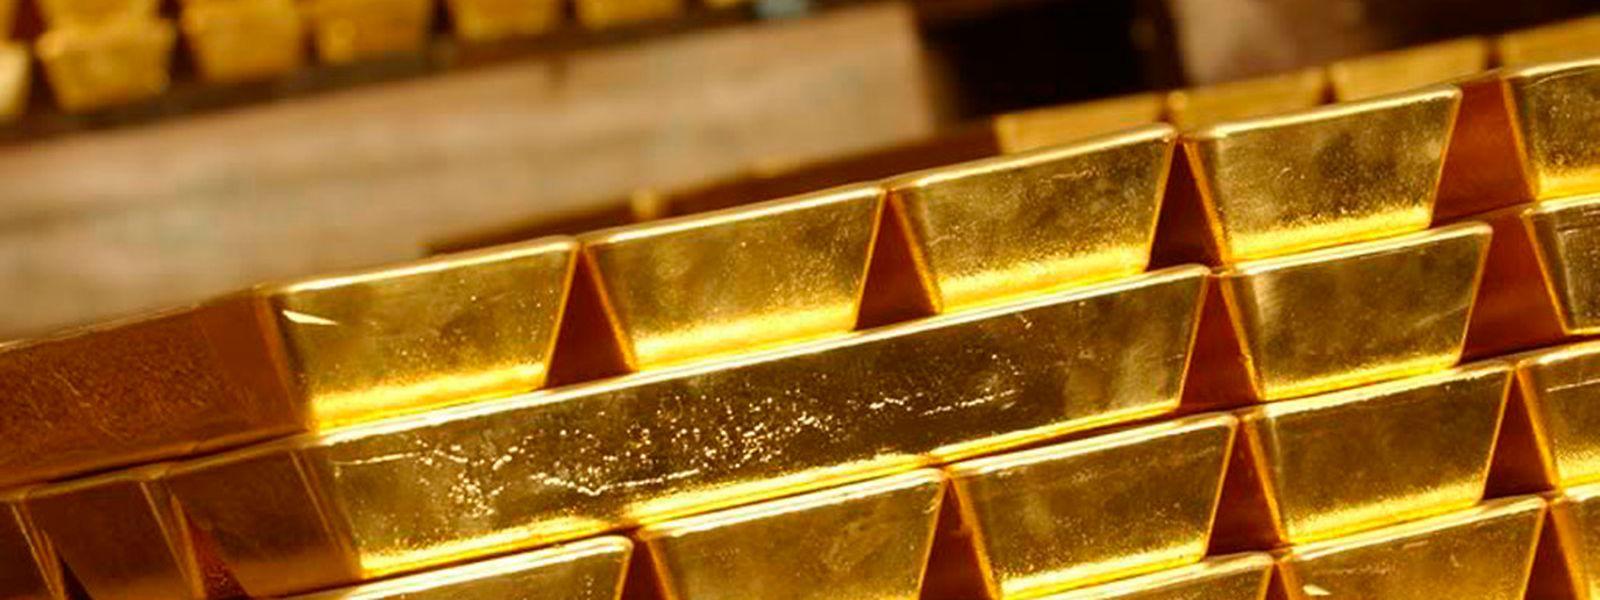 Aus Sicherheitsgründen werden die Goldbarren in kleinen Tranchen zur Bundesbank in Frankfurt gebracht.